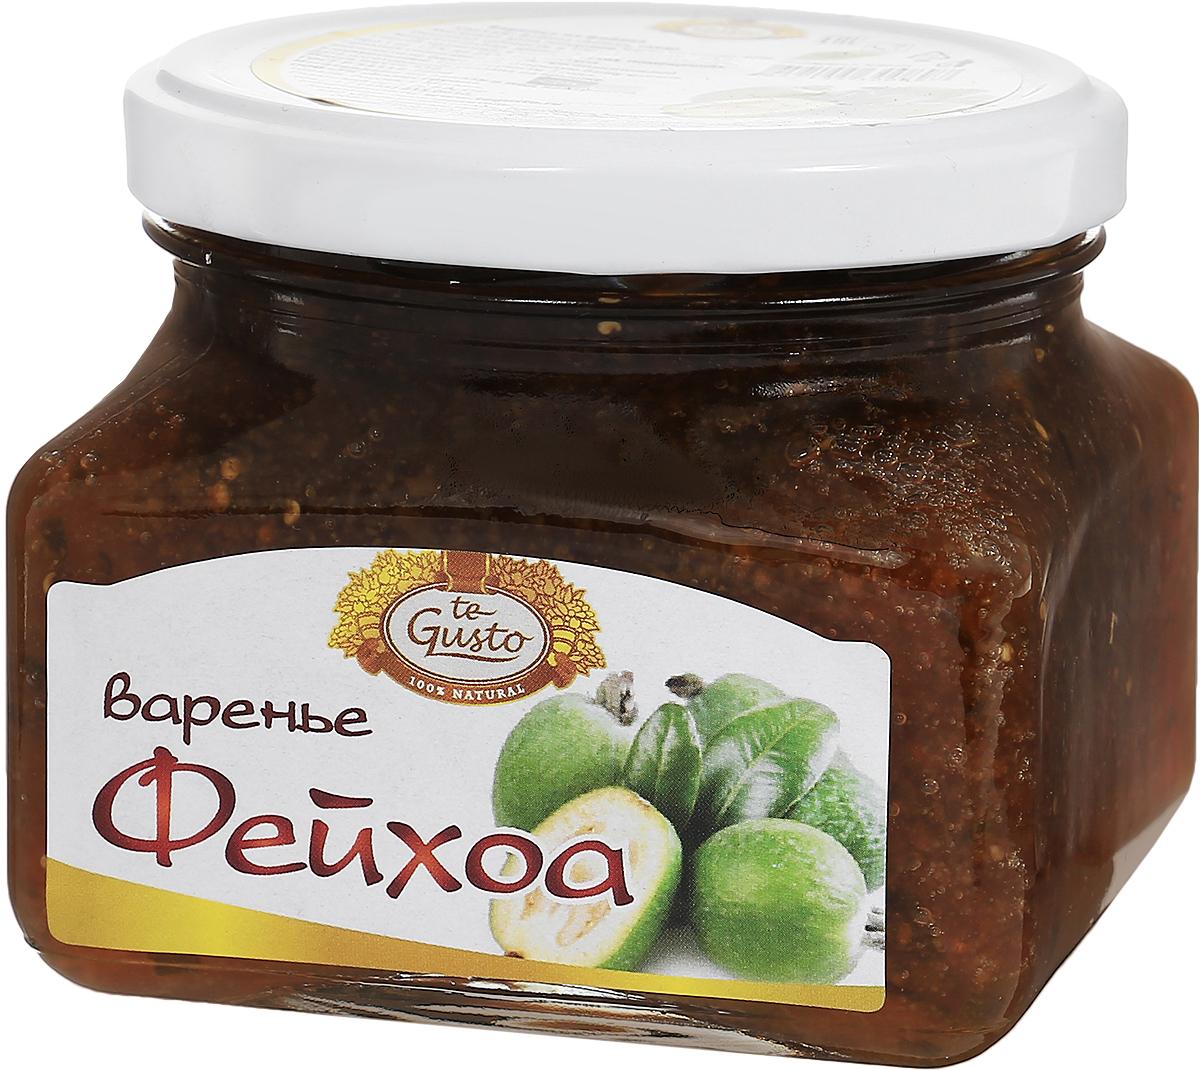 te Gusto Варенье из фейхоа, 430 г0120710Варенье te Gusto сварено из свежих ягод фейхоа, выращенных в Армении.Фейхоа - единственная ягода, содержание йода в которой не меньше, чем в морепродуктах. В кожуре плода содержатся биологически активные вещества: кахетин и лейкоантоцин, которые являются мощными антиоксидантами обладающие профилактическим действием на онкологические заболевания. Витамин С и ароматные эфирные масла фейхоа применяются при лечении простудных заболеваний, ОРЗ и гриппа, а также в качестве иммуномодулятора. Для лечения лучше употреблять плоды с теплым питьем в виде варенья. Плоды фейхоа врачи назначают людям с нарушениями работы щитовидной железы и при умственных нагрузках.